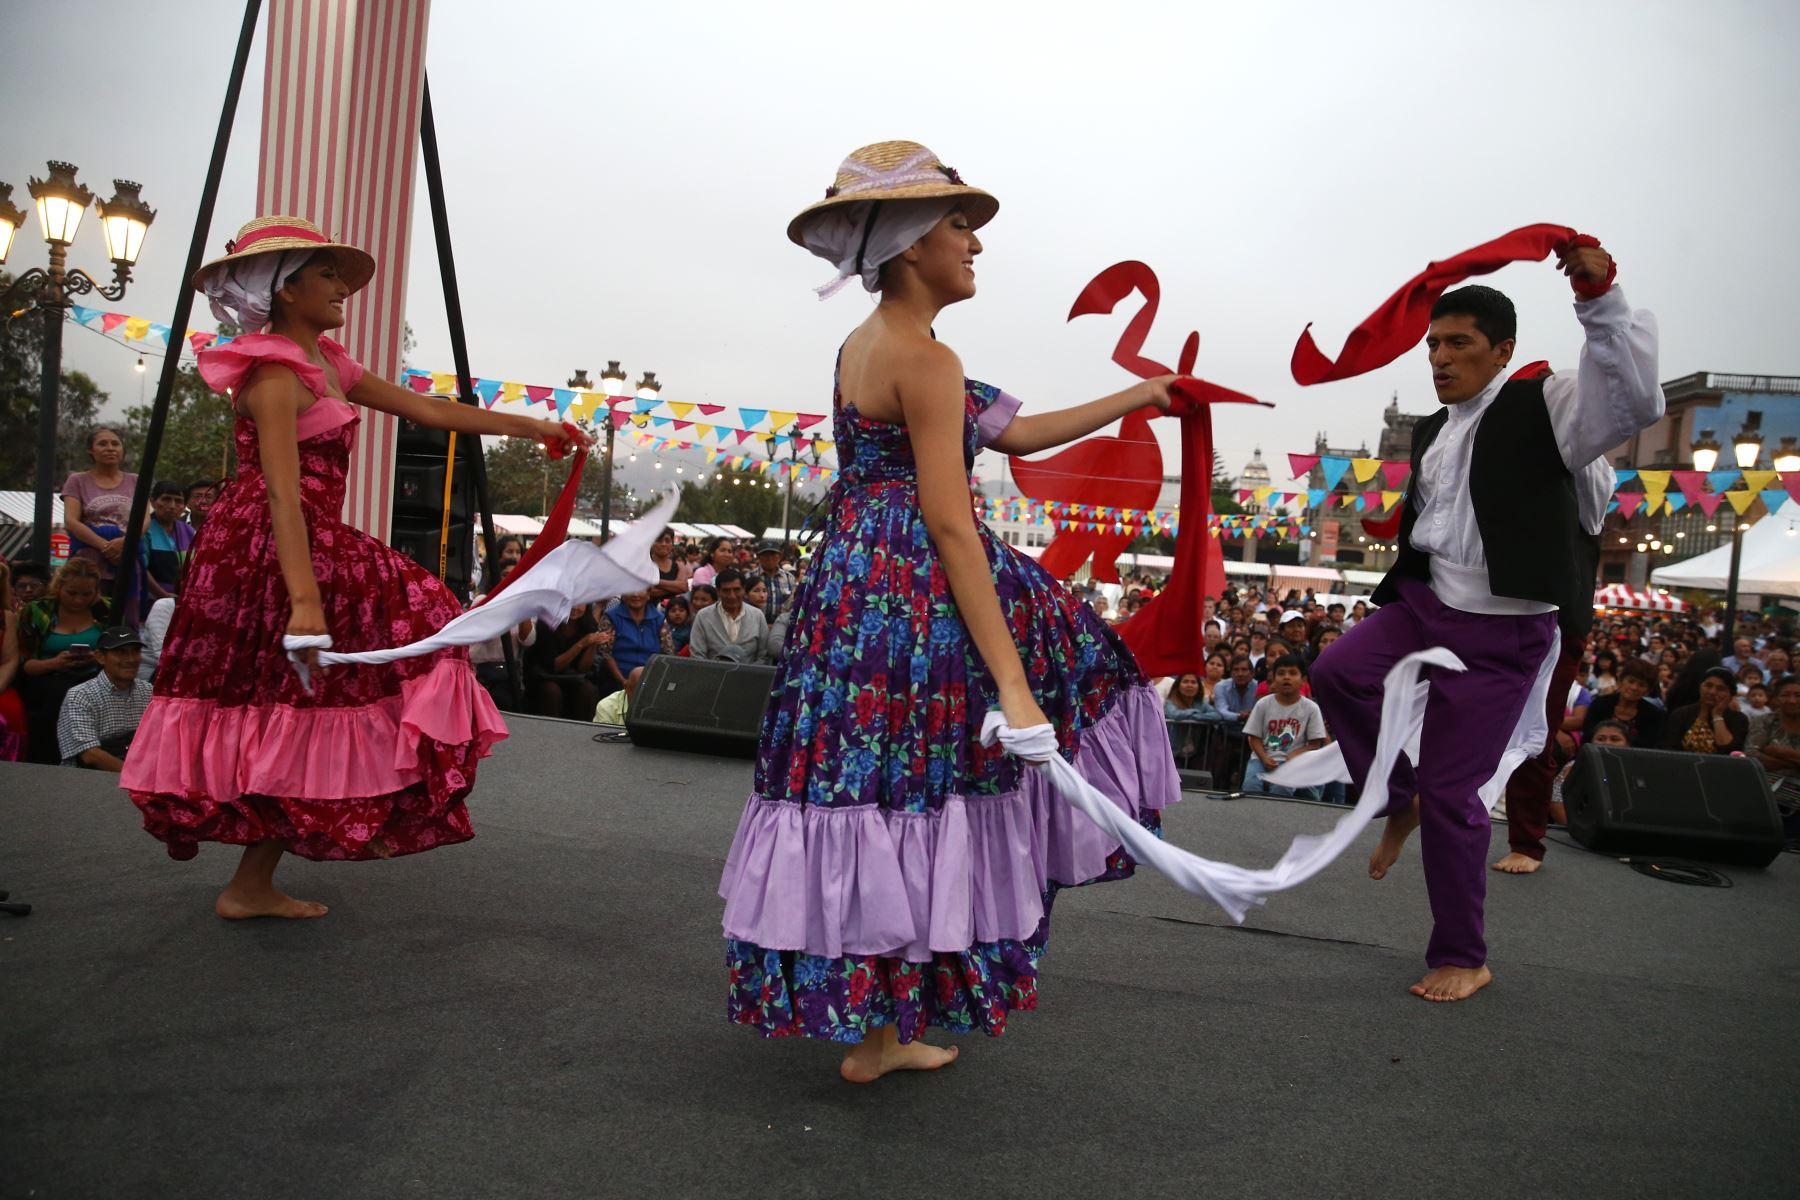 Actividades por la celebración del 485 aniversario de la ciudad de Lima. Foto: ANDINA/Vidal Tarqui